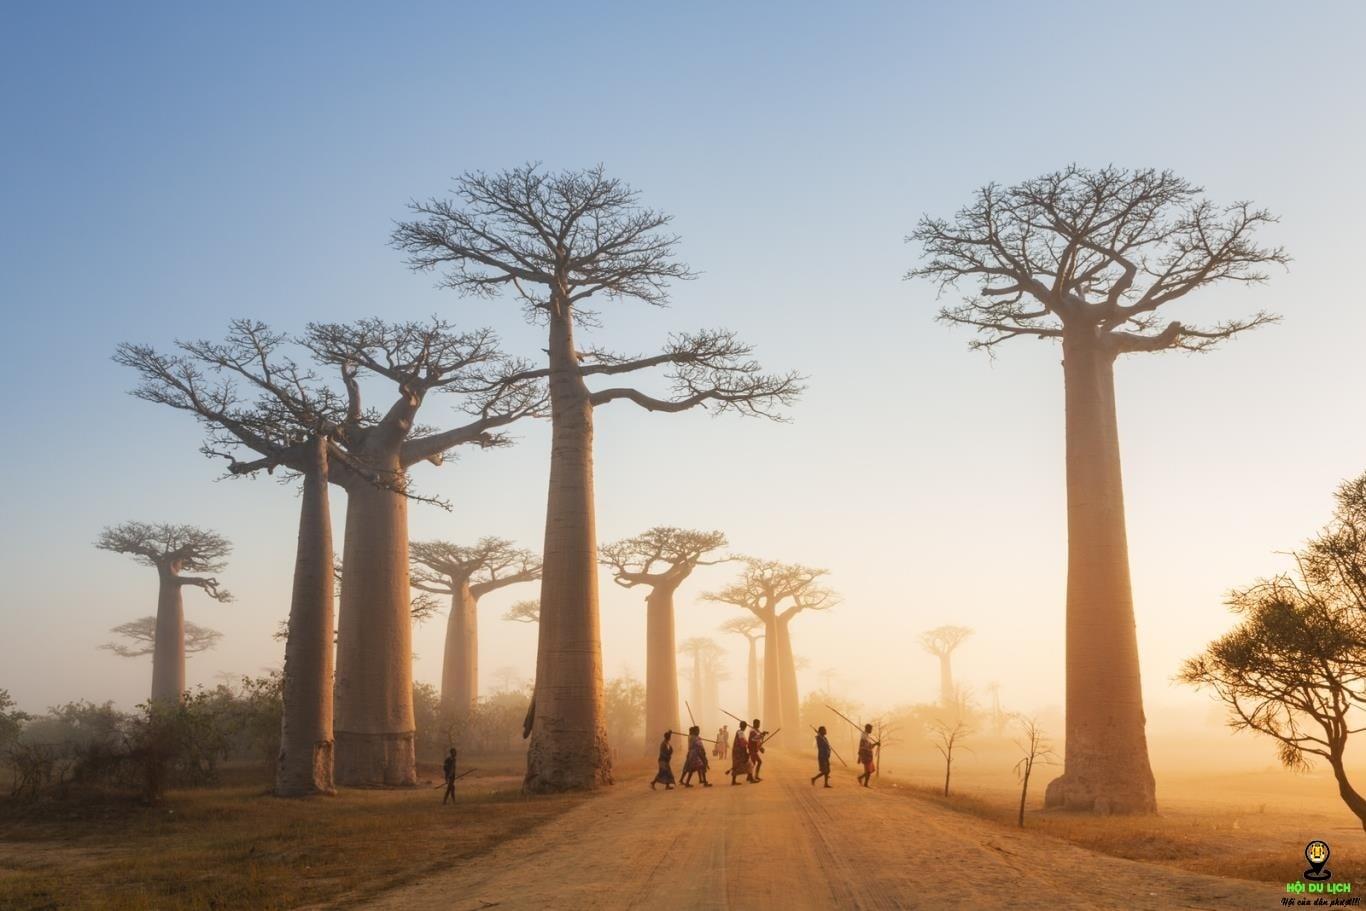 Lạc vào thế giới khác với Bao Báp ở Madagascar